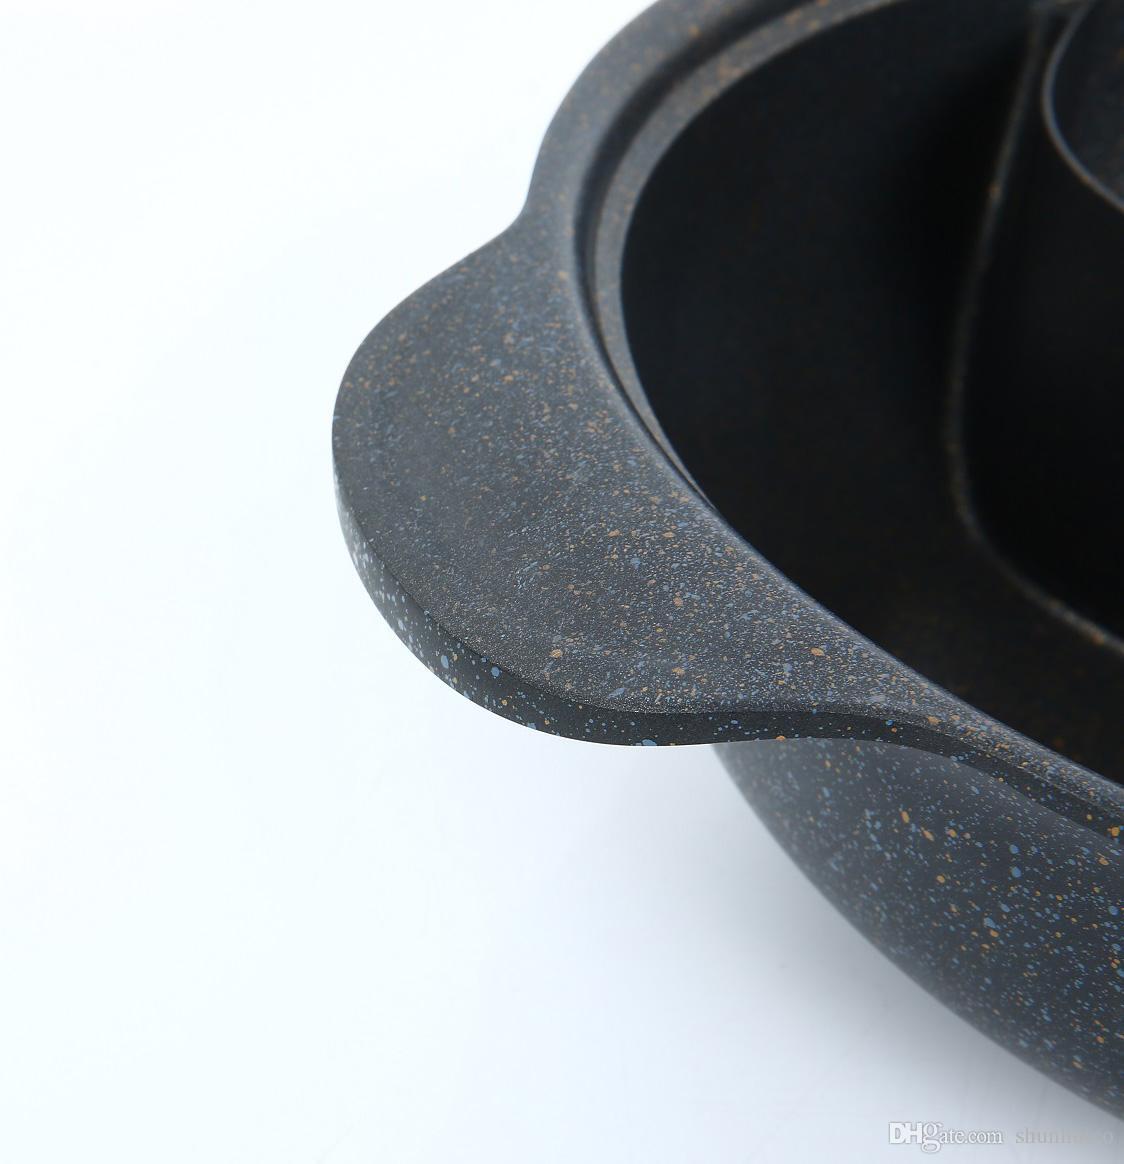 12 inç hot pot kapaklı olmayan sopa ile sıcak pot bölücü iki-lezzet sıcak pot için indüksiyon ocak gaz sobası kolay temiz ücretsiz DHL tarafından nakliye